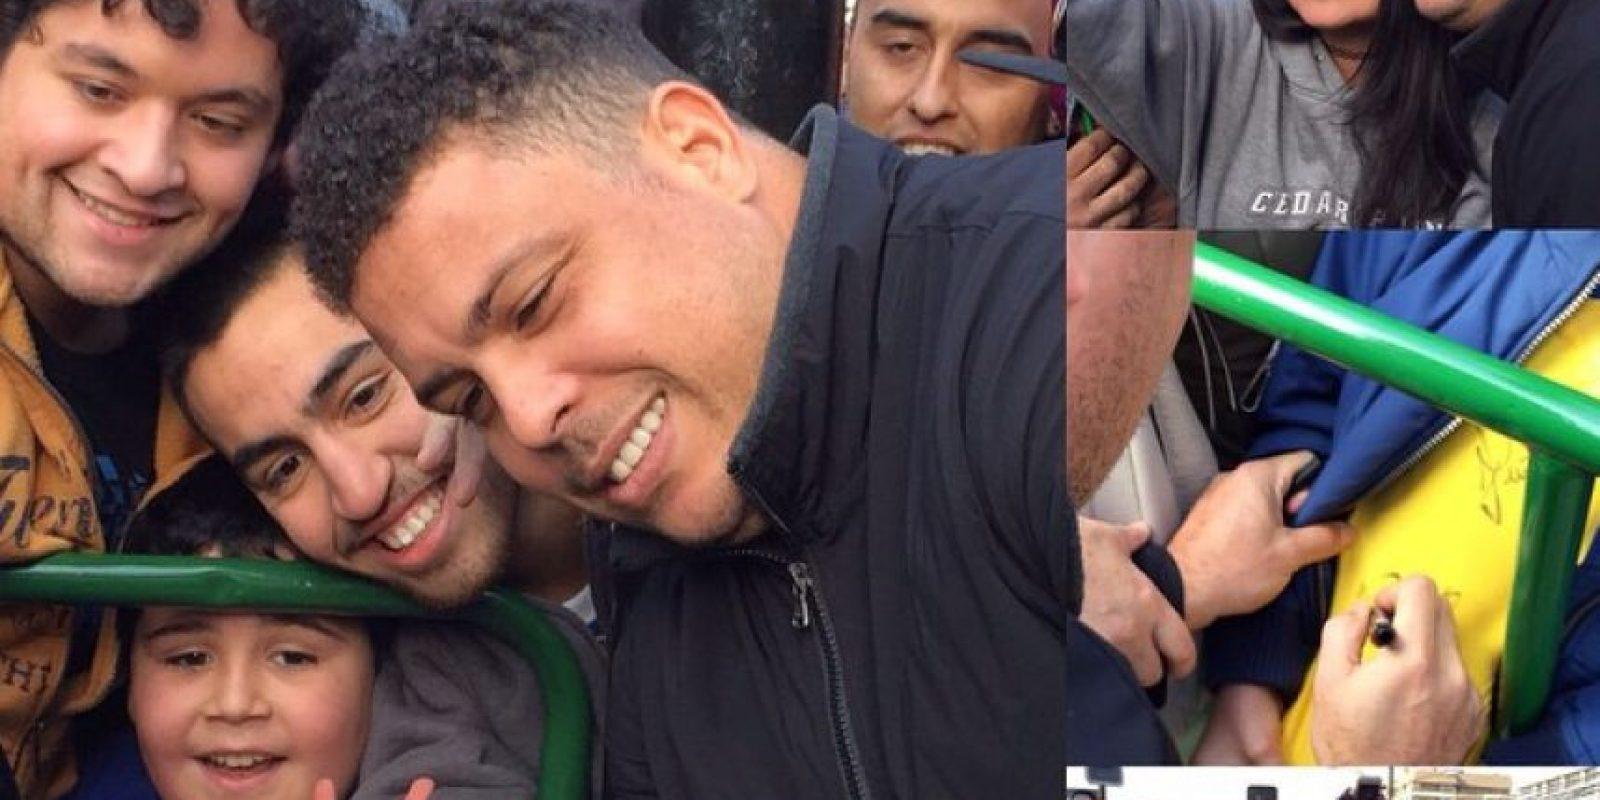 Todo mundo recuerda la mordida de Luis Suárez a Giorgio Chiellini en el Mundial de 2014 pero quizá Ronaldo, no. Foto:Vía instagram.com/ronaldolima